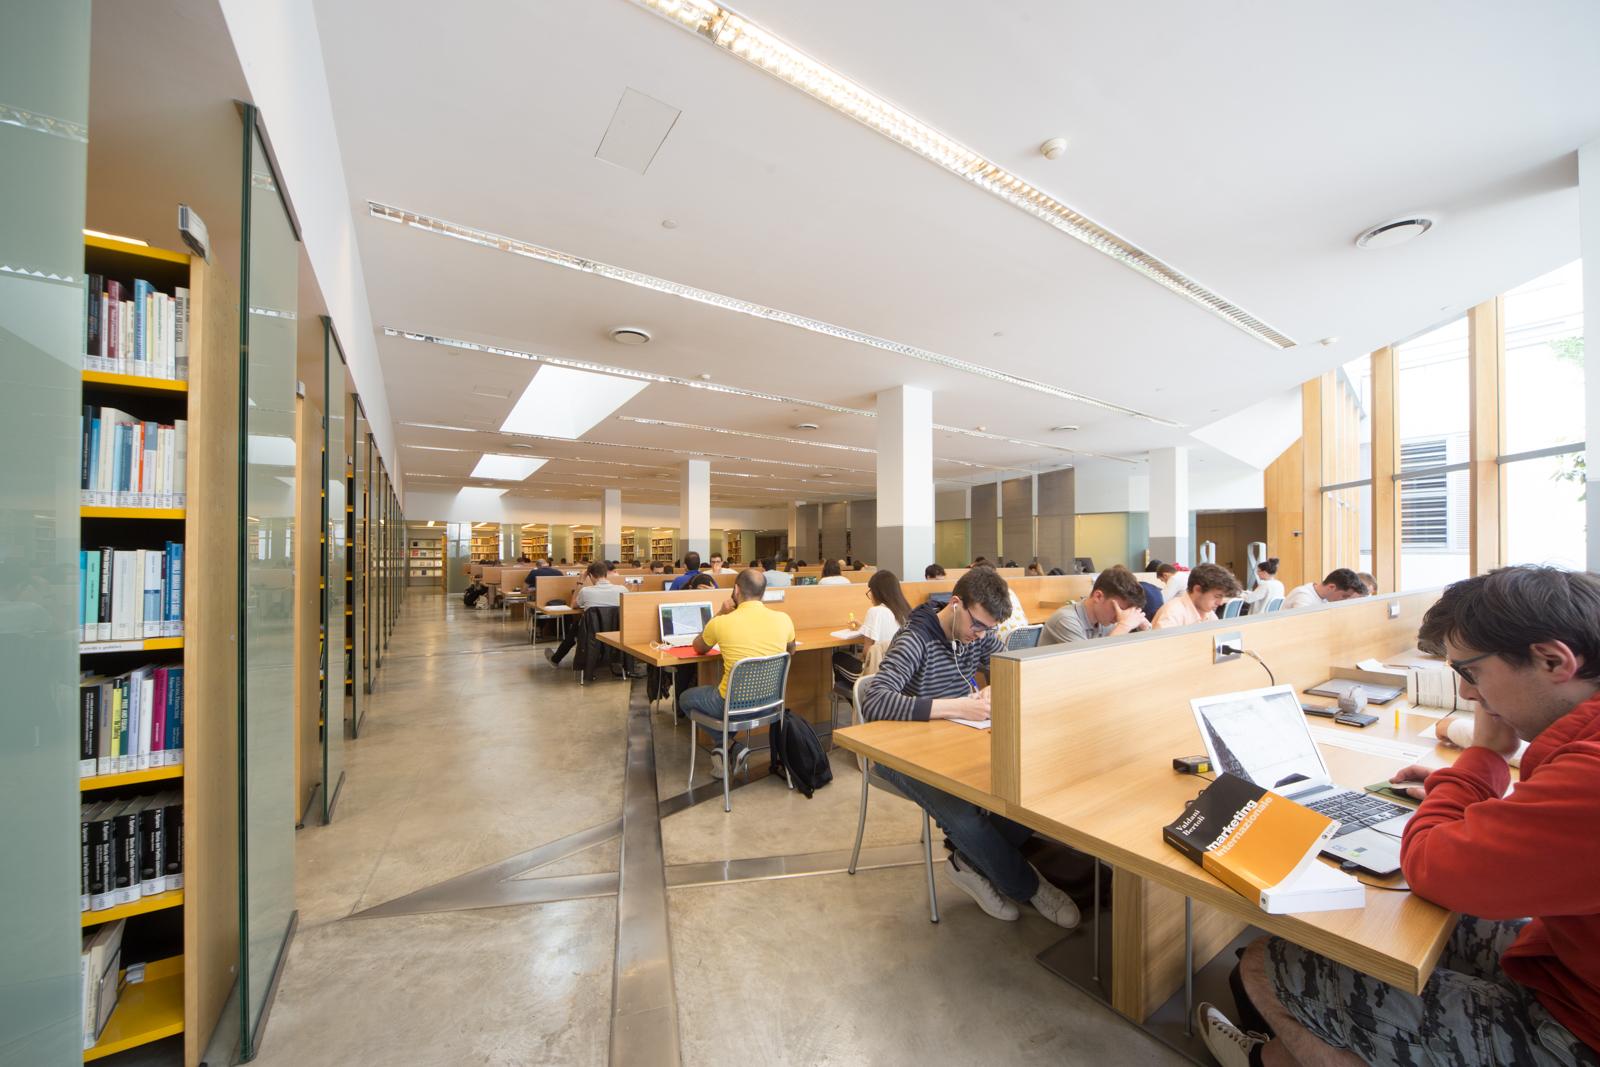 Calendario Esami Unibg Economia.Caniana Universita Degli Studi Di Bergamo